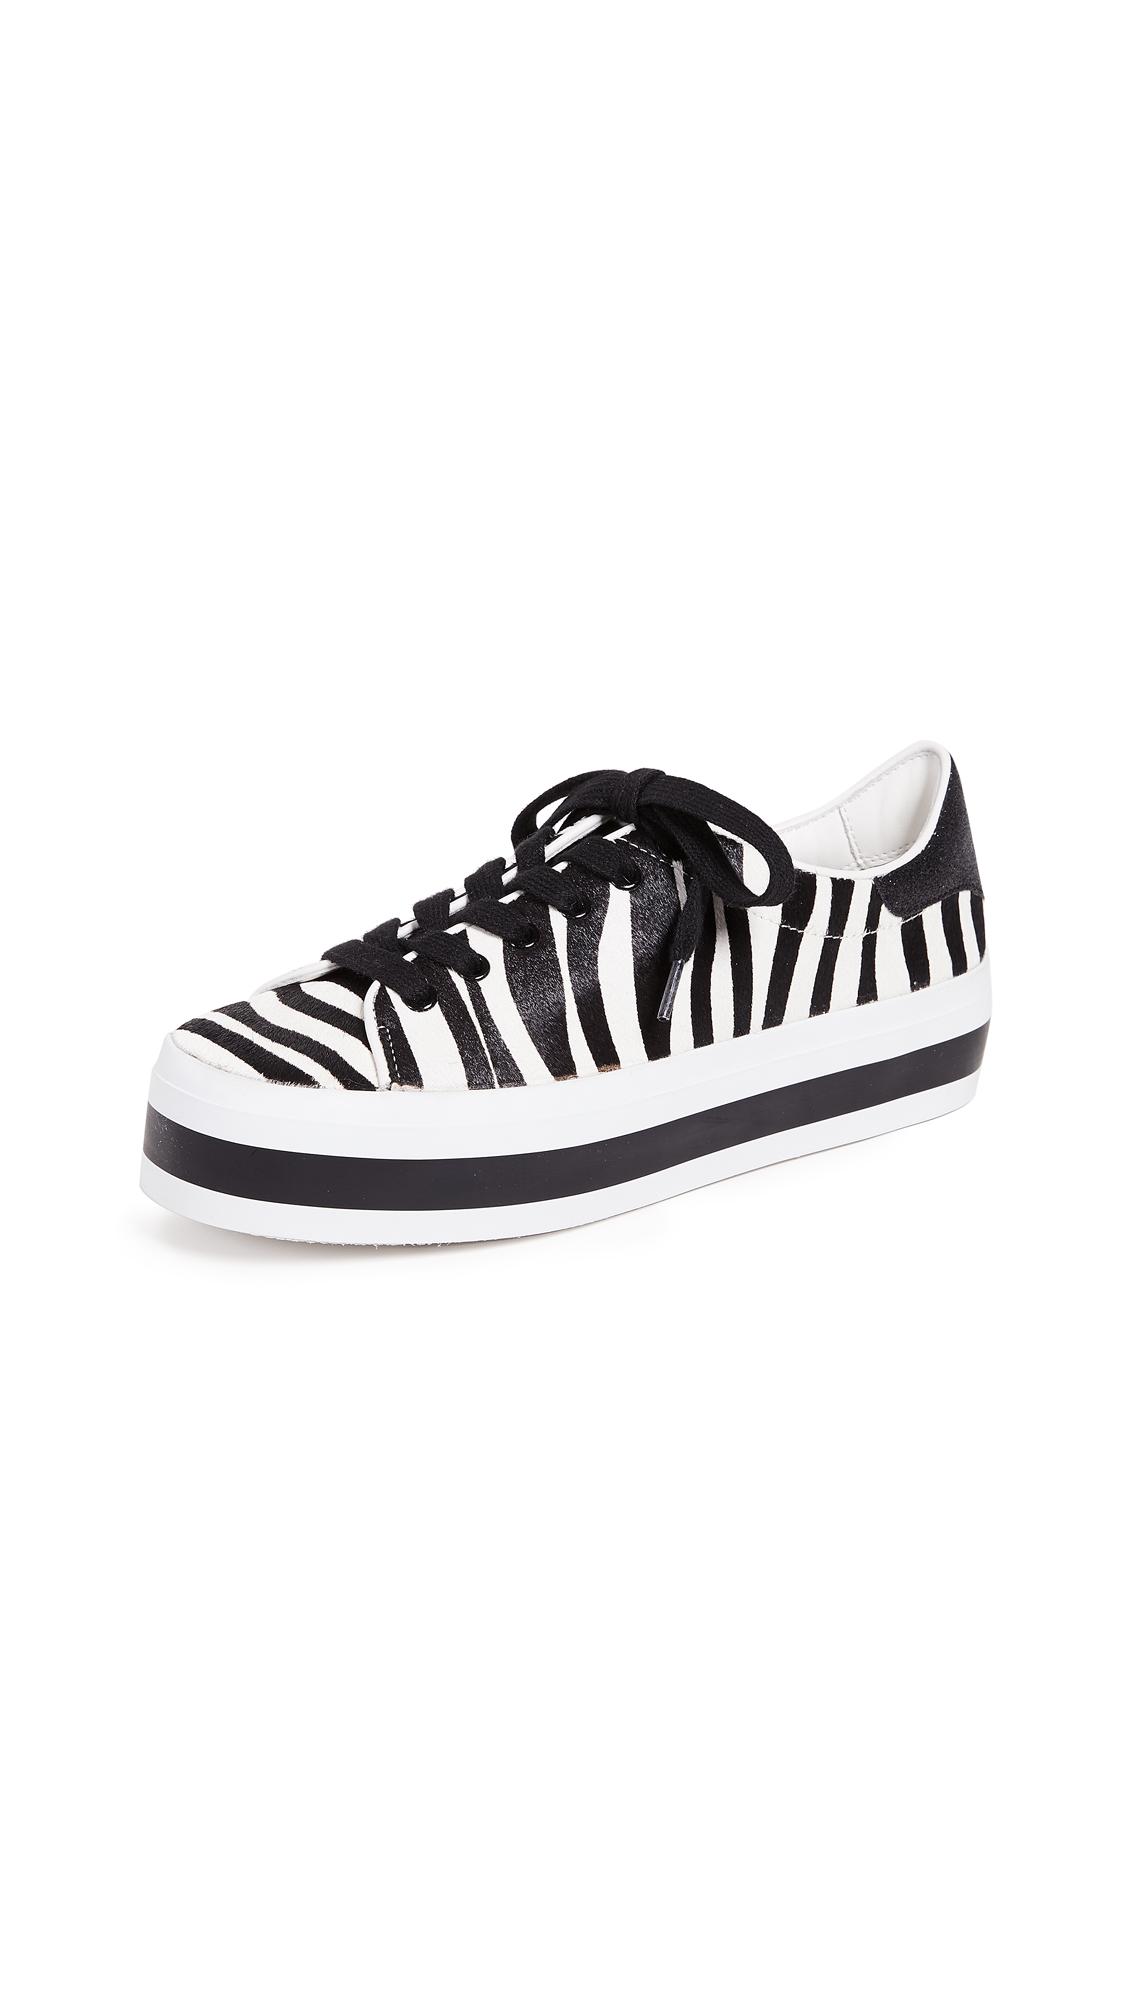 alice + olivia Ezra Zebra Sneakers - Black/White